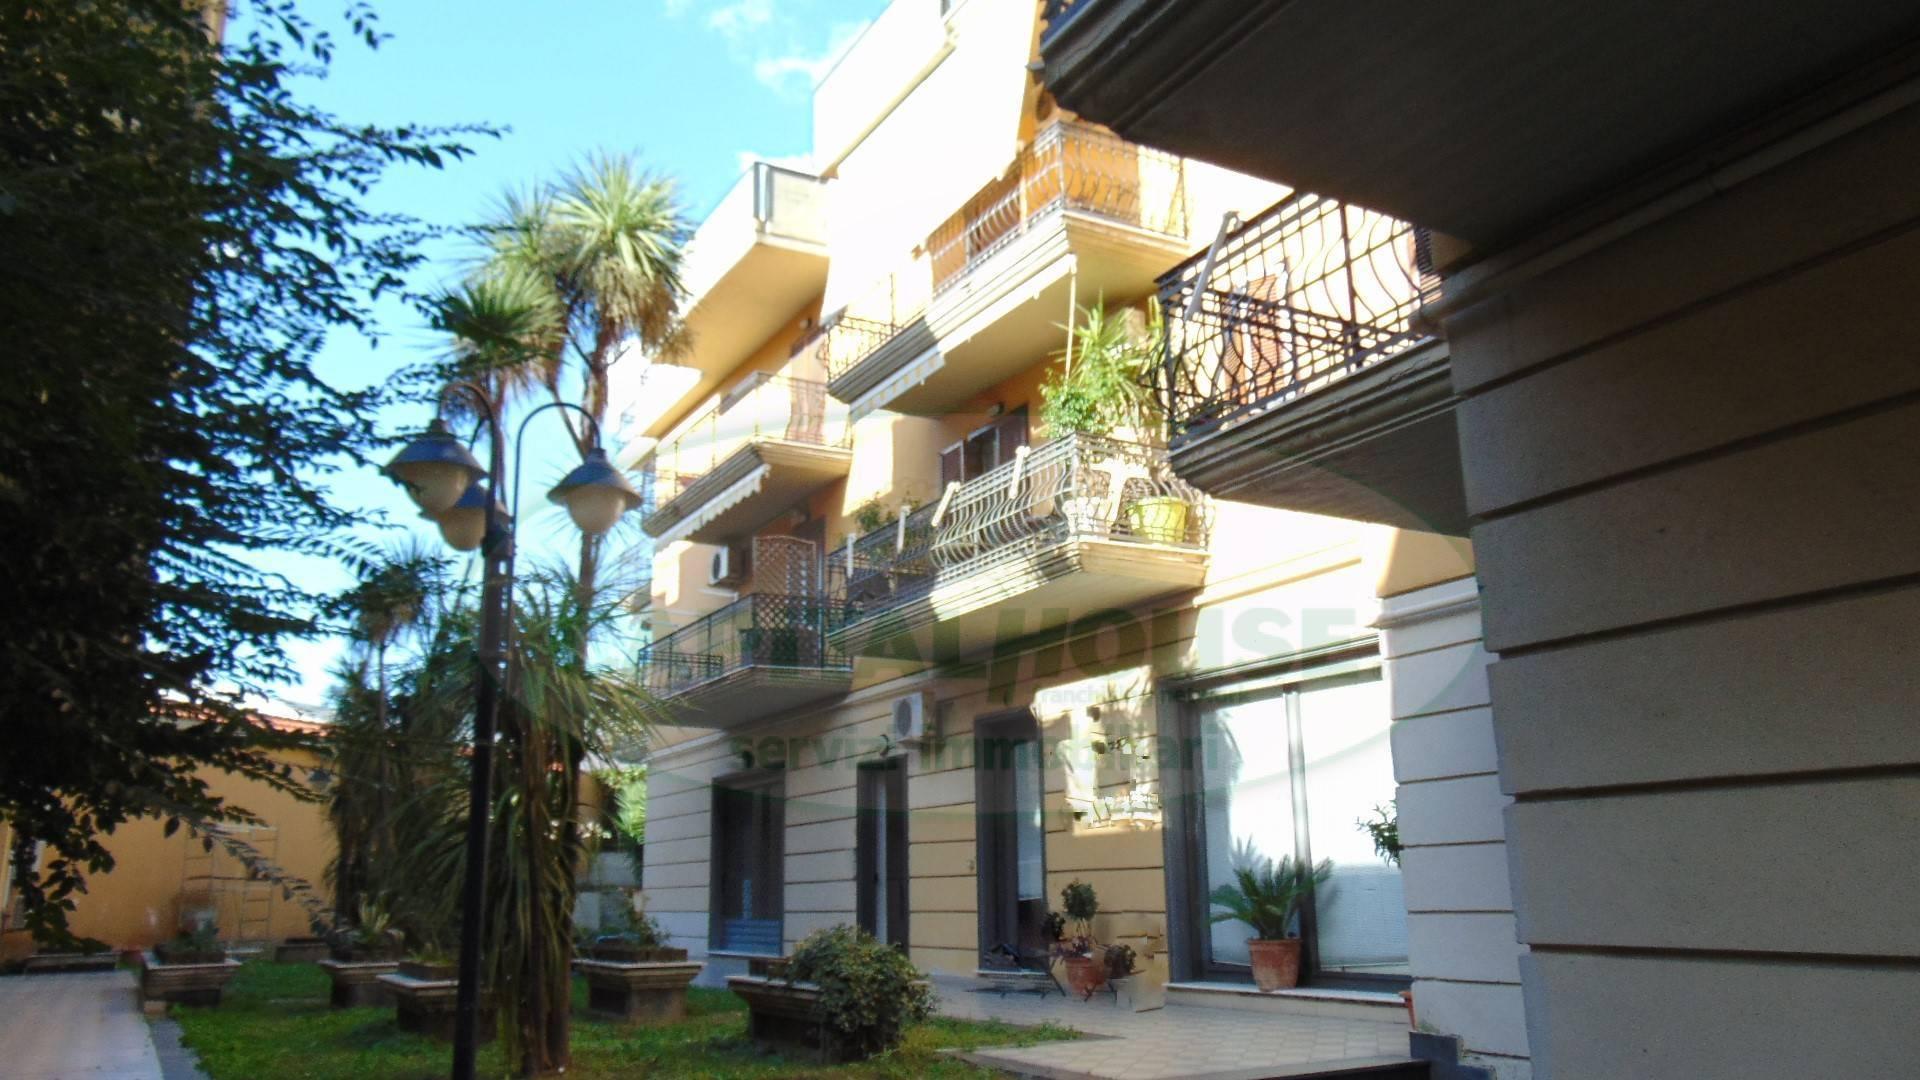 Negozio / Locale in vendita a Sirignano, 9999 locali, prezzo € 100.000 | CambioCasa.it